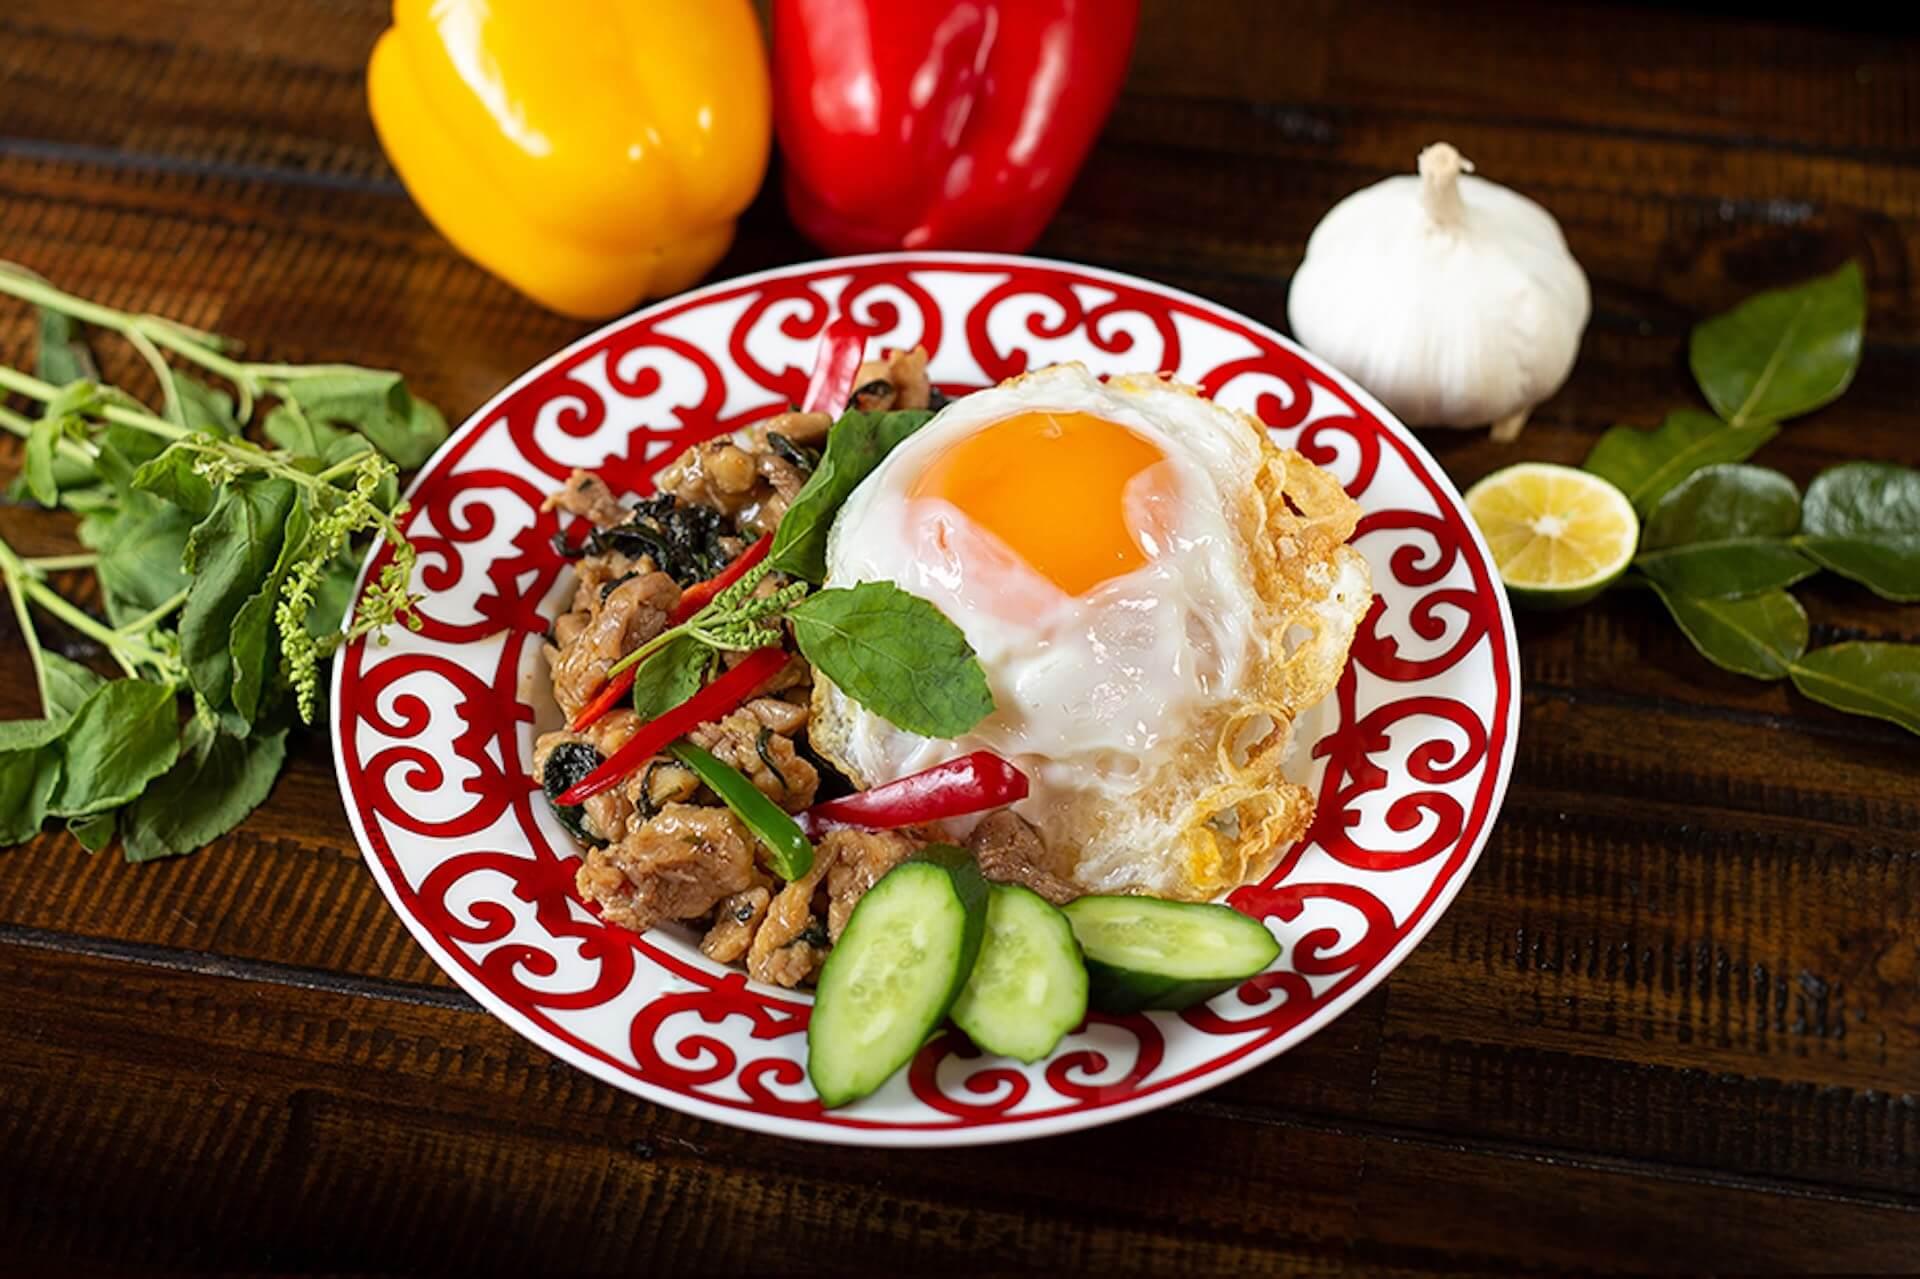 人気タイ料理をUber Eatsで堪能しよう!恵比寿のPiyanee THAI TEAがテイクアウト&Uber Eats販売スタート gourmet200421_piyanee_takeout_05